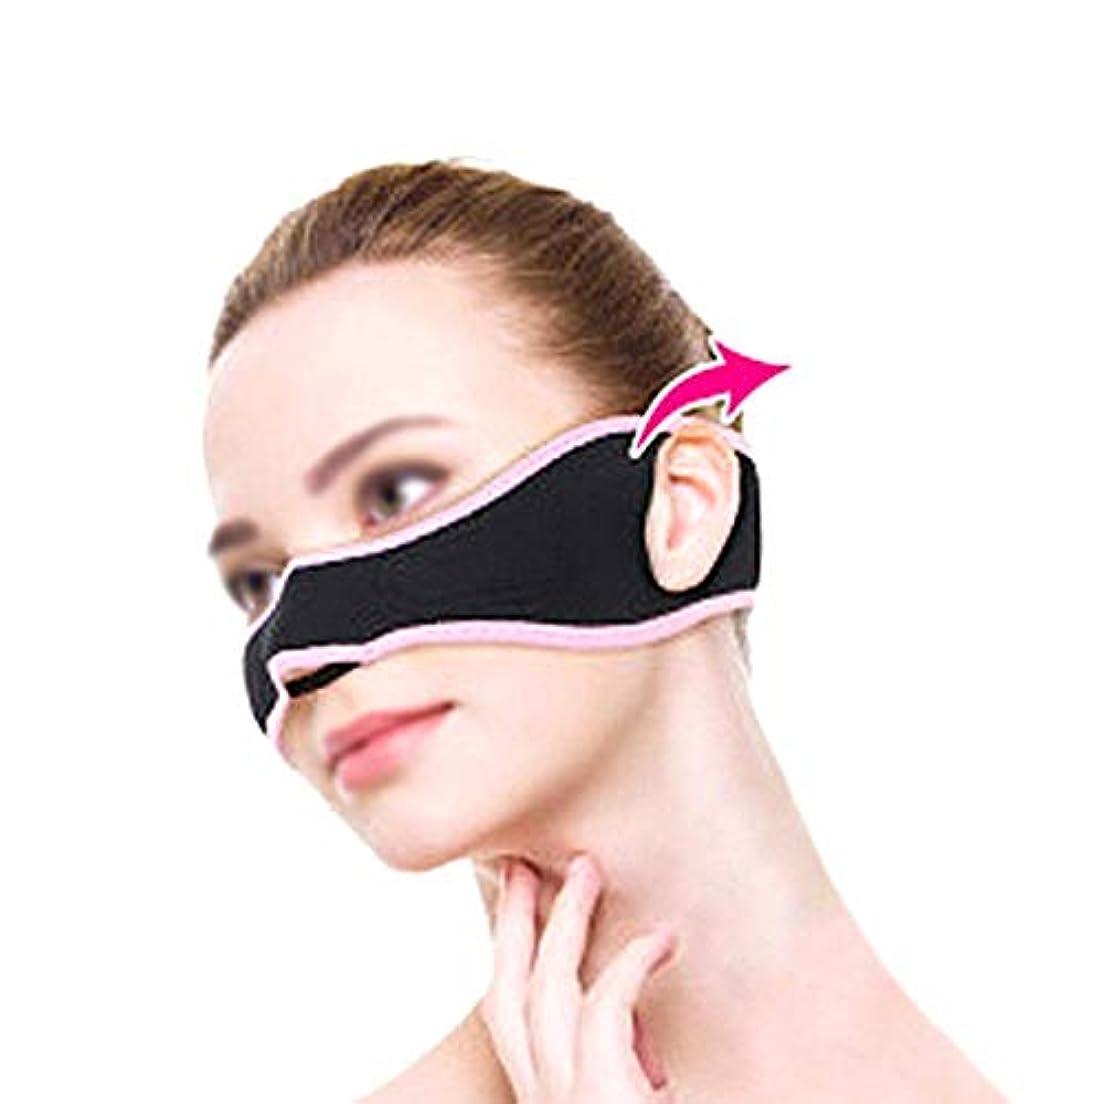 粗い血統モスクXHLMRMJ フェイスリフティングマスク、チークリフトアップマスク、薄くて薄い顔、顔の筋肉を引き締めて持ち上げ、持ち運びが簡単で、男性と女性の両方が使用できます